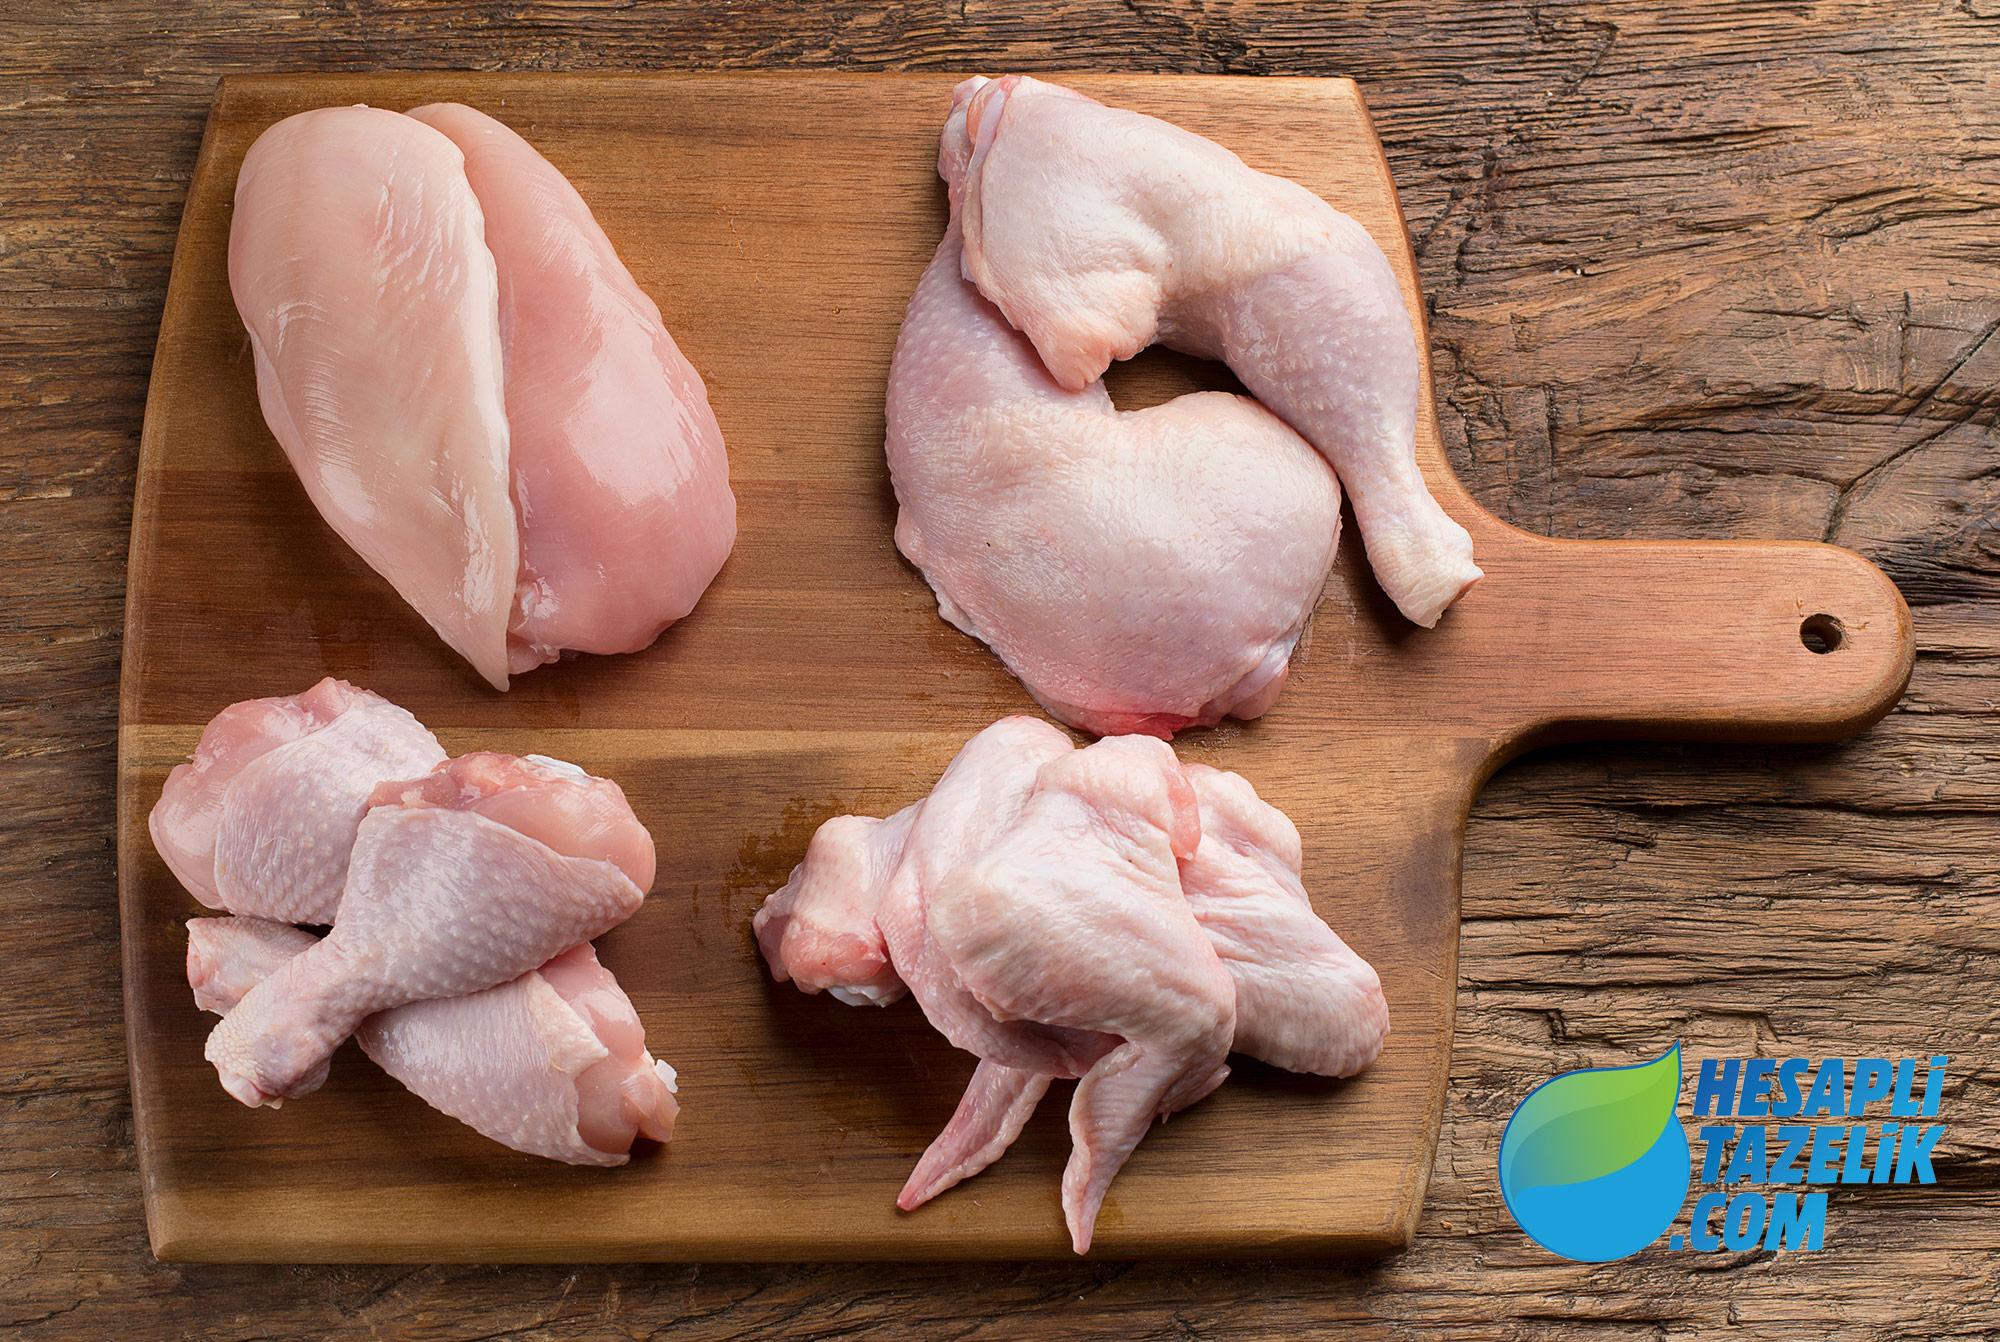 Bütün tavuk en kolay nasıl kesilir